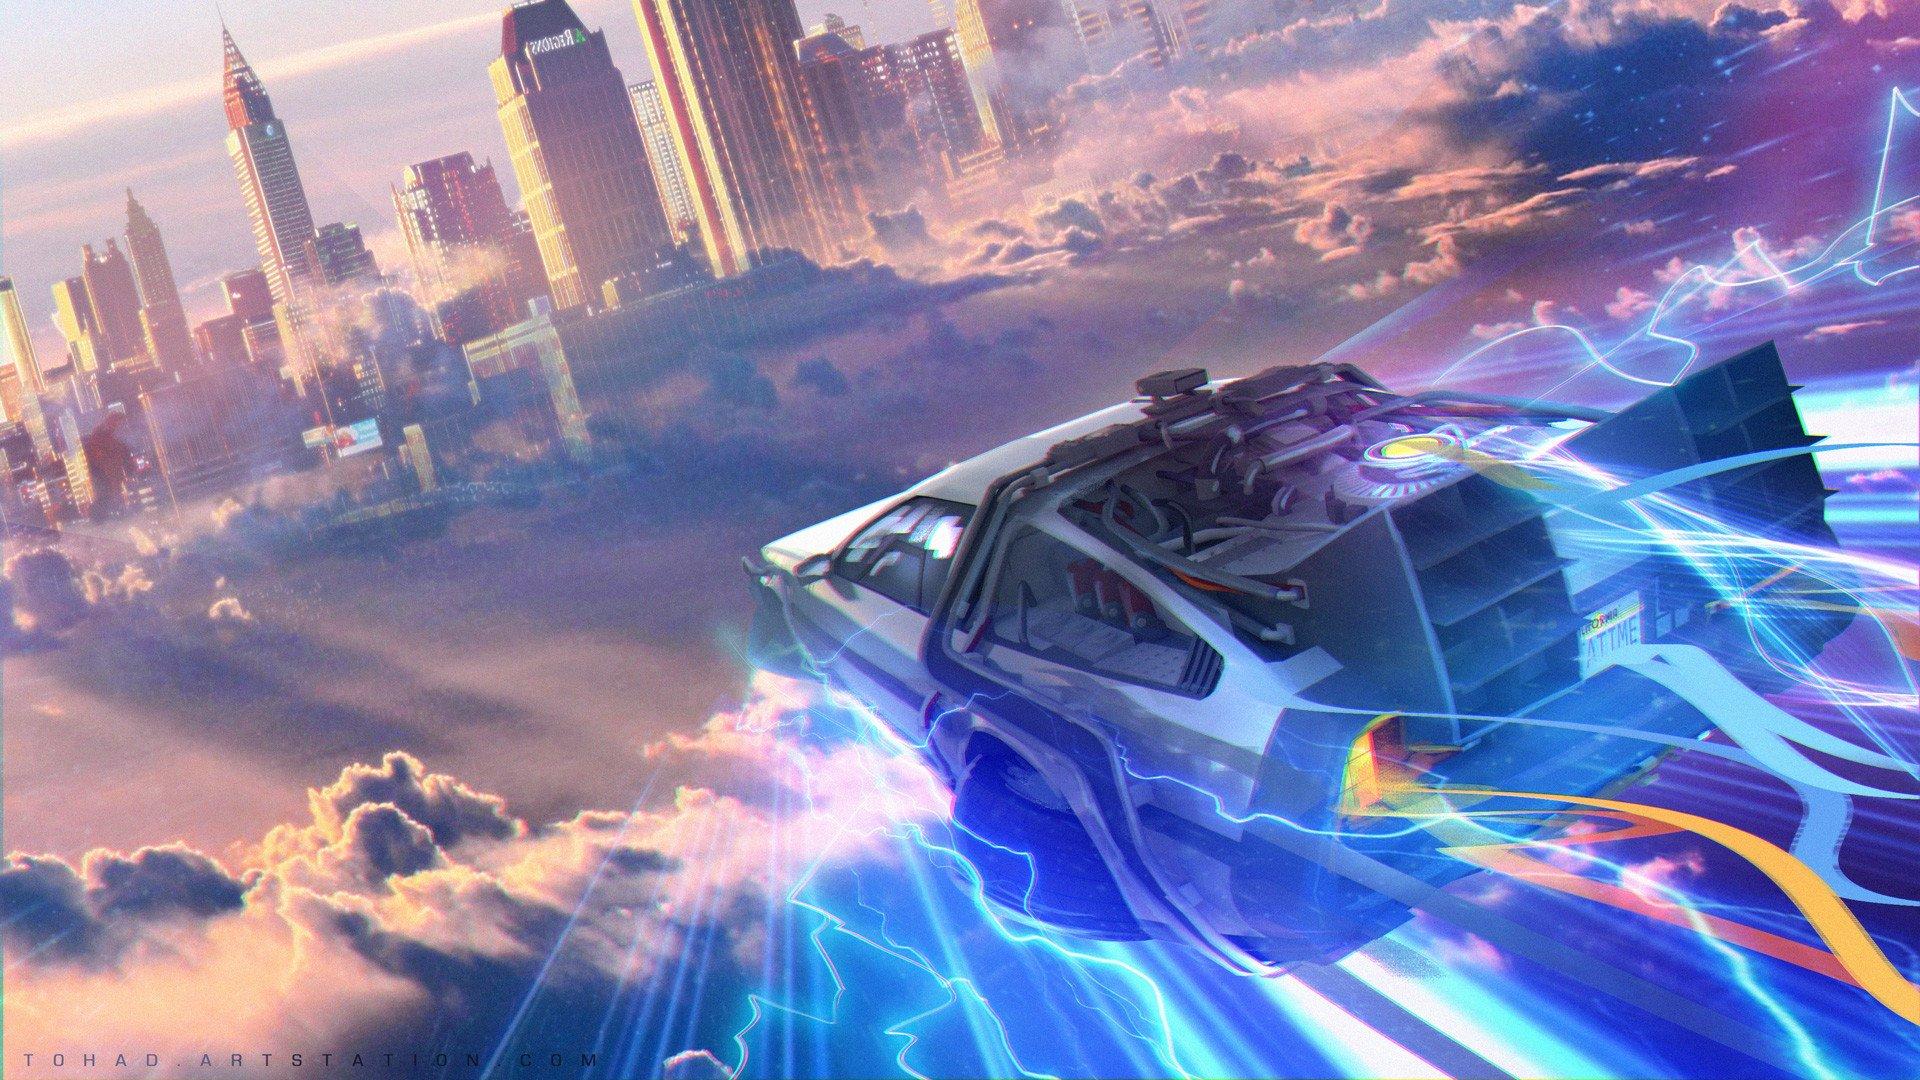 Movie - Back To The Future  DeLorean Wallpaper